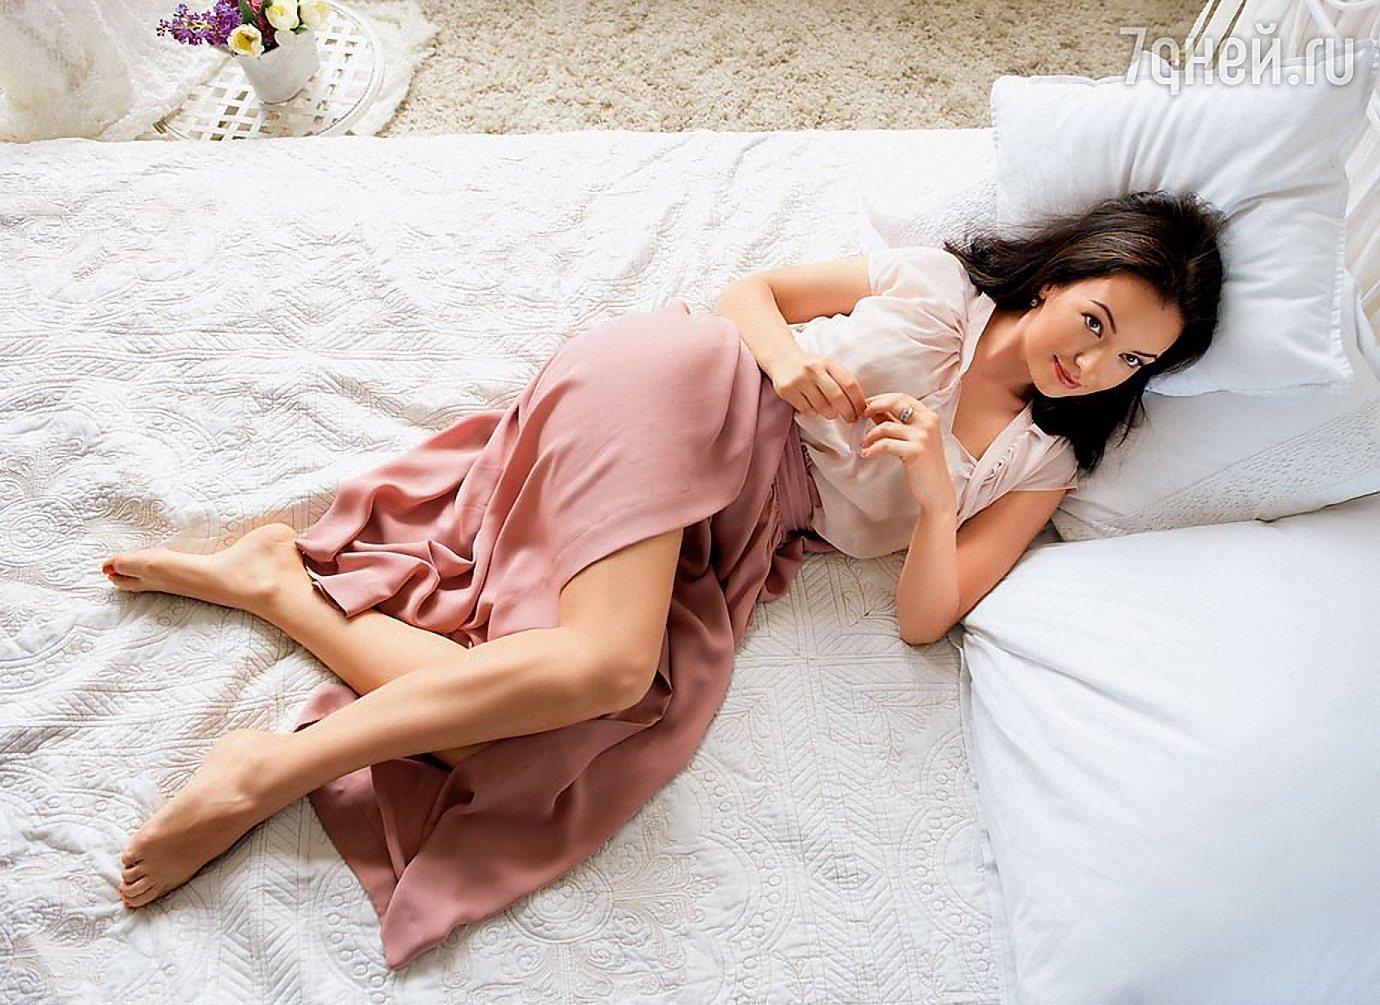 8 неделя беременности - ощущения женщины, фото, узи